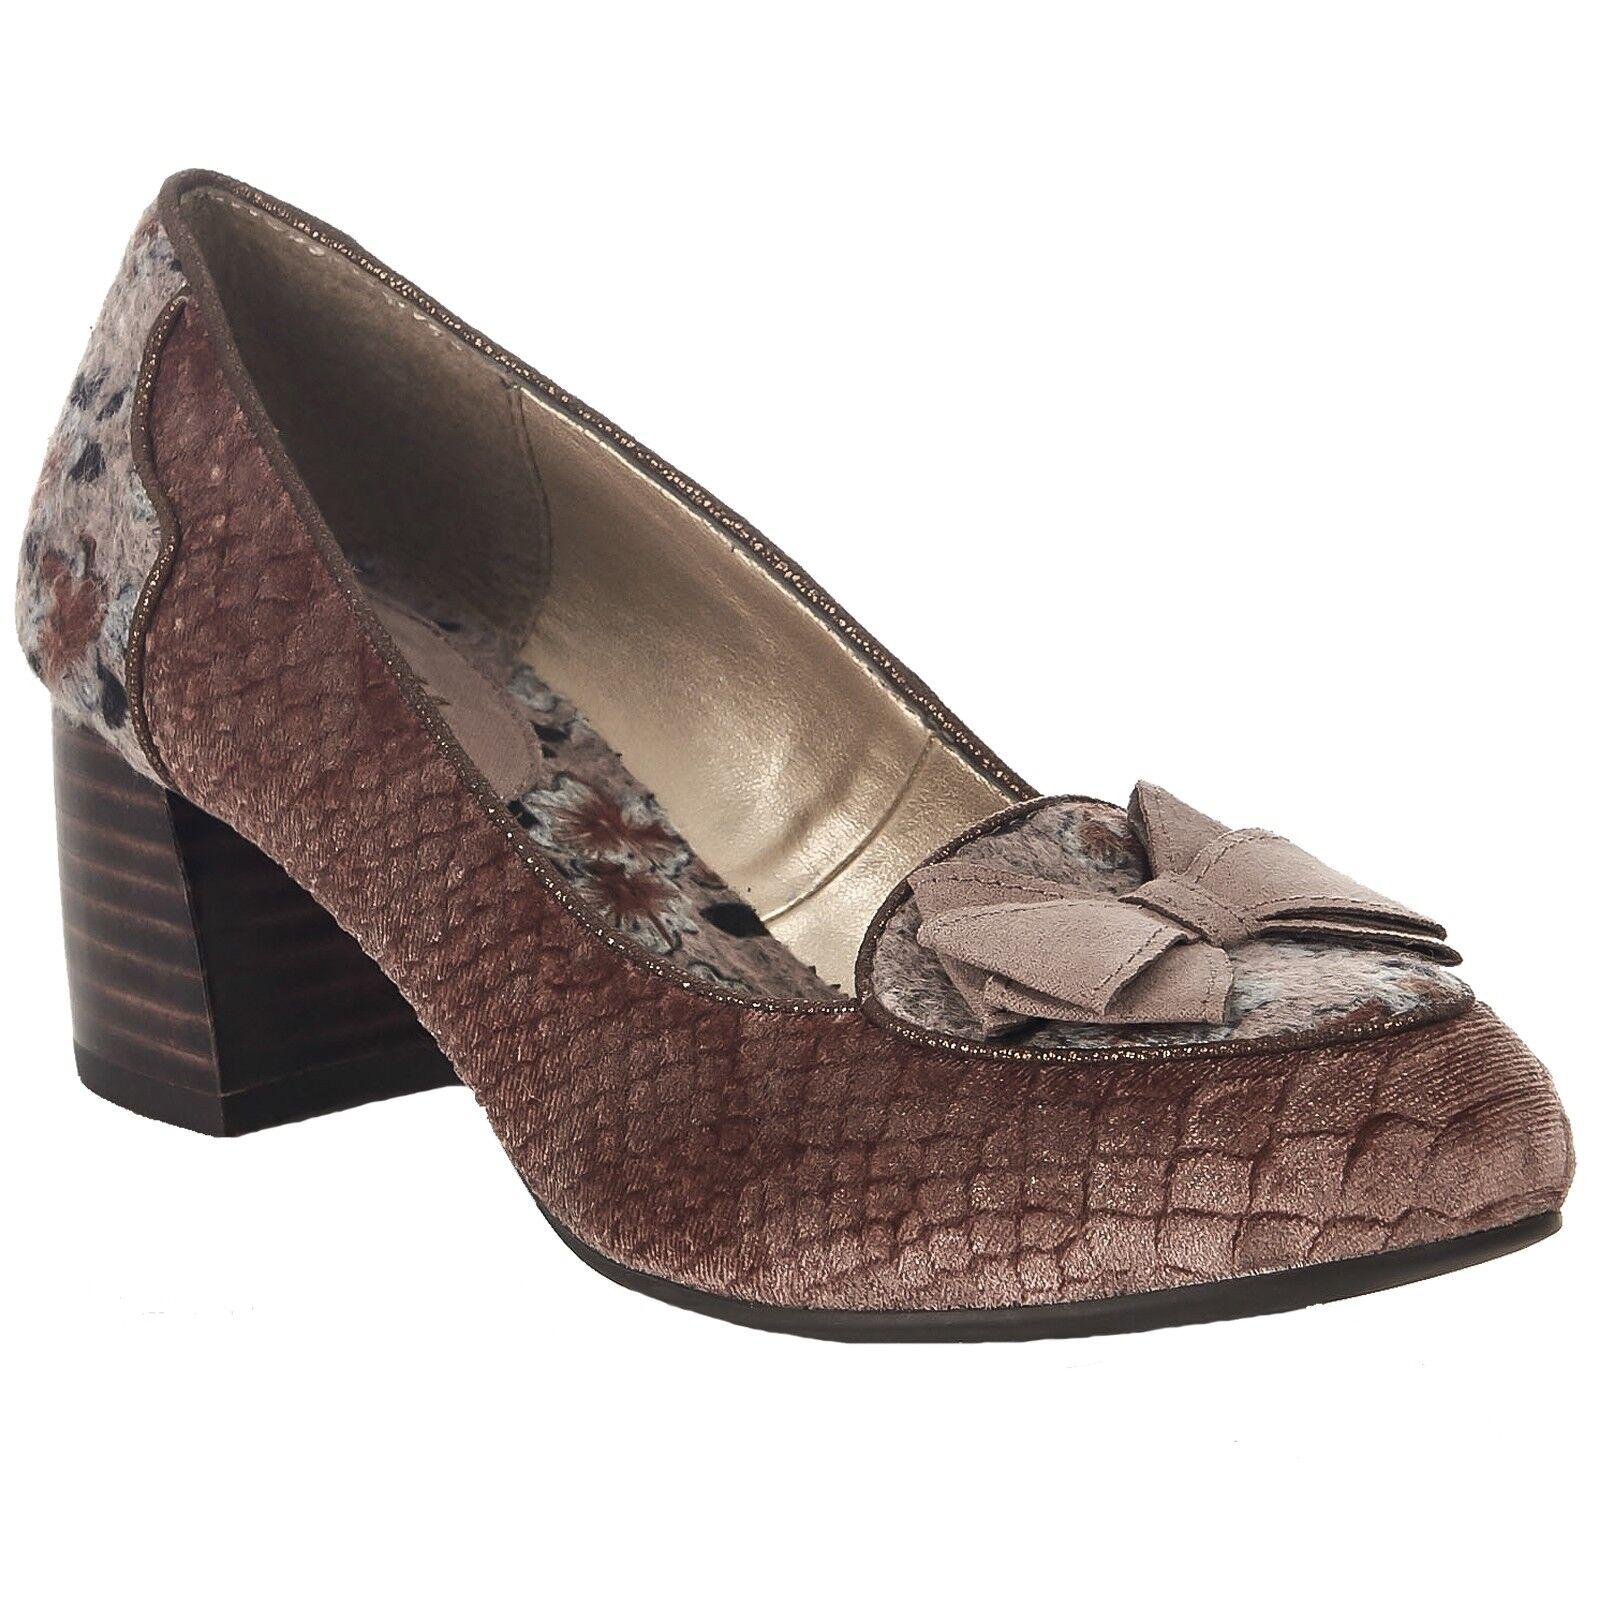 Señoras Ruby Shoo Thalia Visón apilados Tacón Alto Alto Alto Zapatos ESTILO MOCASÍN 09222  online al mejor precio